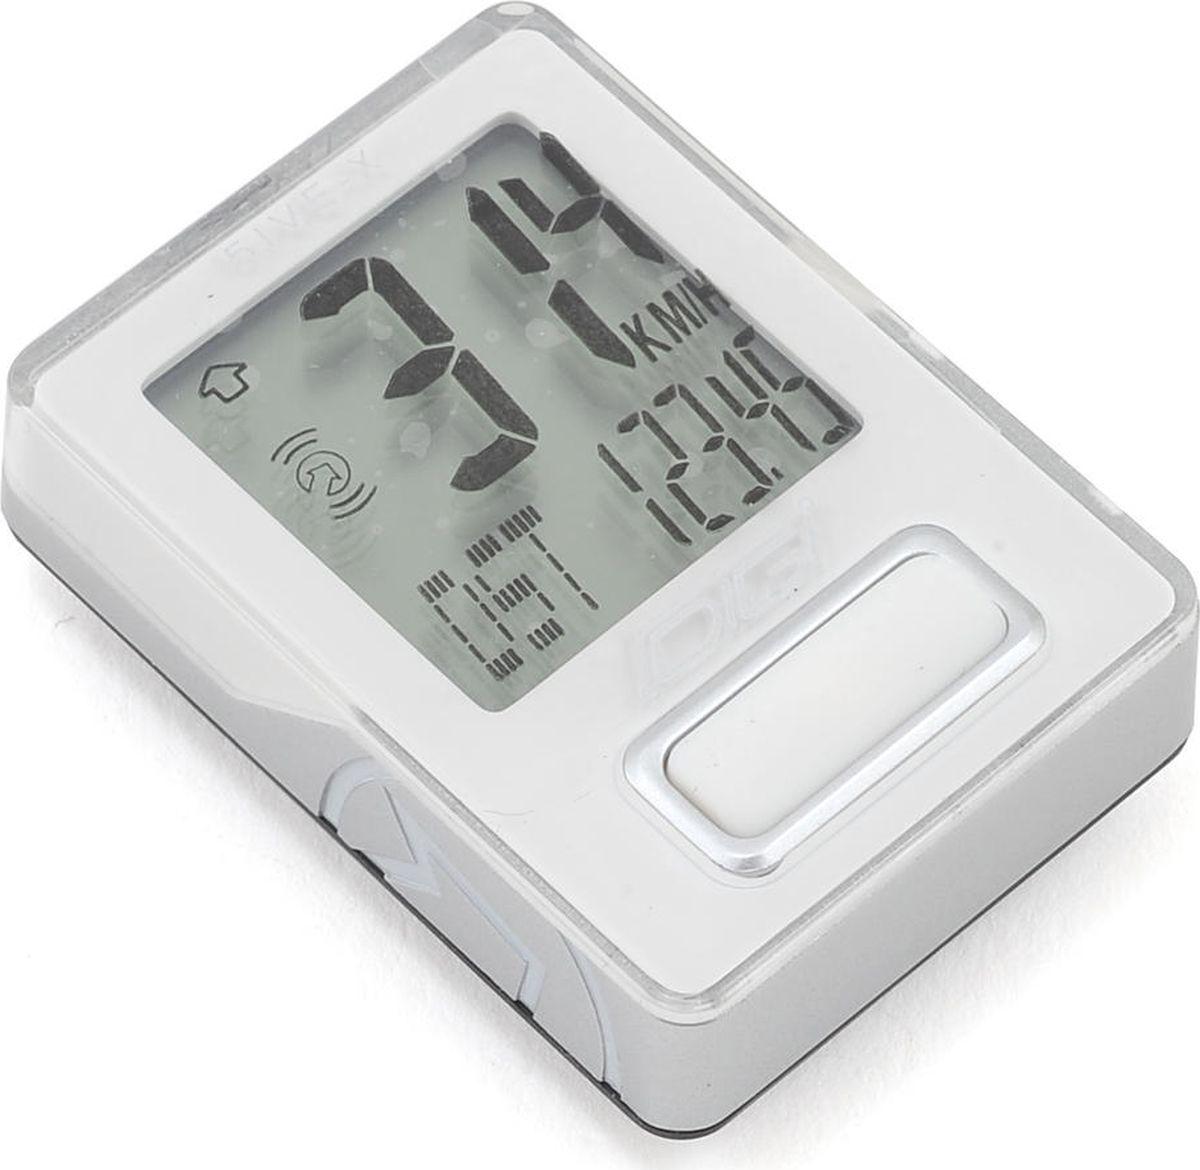 Велокомпьютер Pro Digi 5IVE, проводной, 5 функций, цвет: белыйPRCC0008Функции: текущая скорость, текущее расстояние, часы с секундомером, точность скорости до десятых долей (0,1 км/ч), точность дистанции до 10 метров (0,01 км)